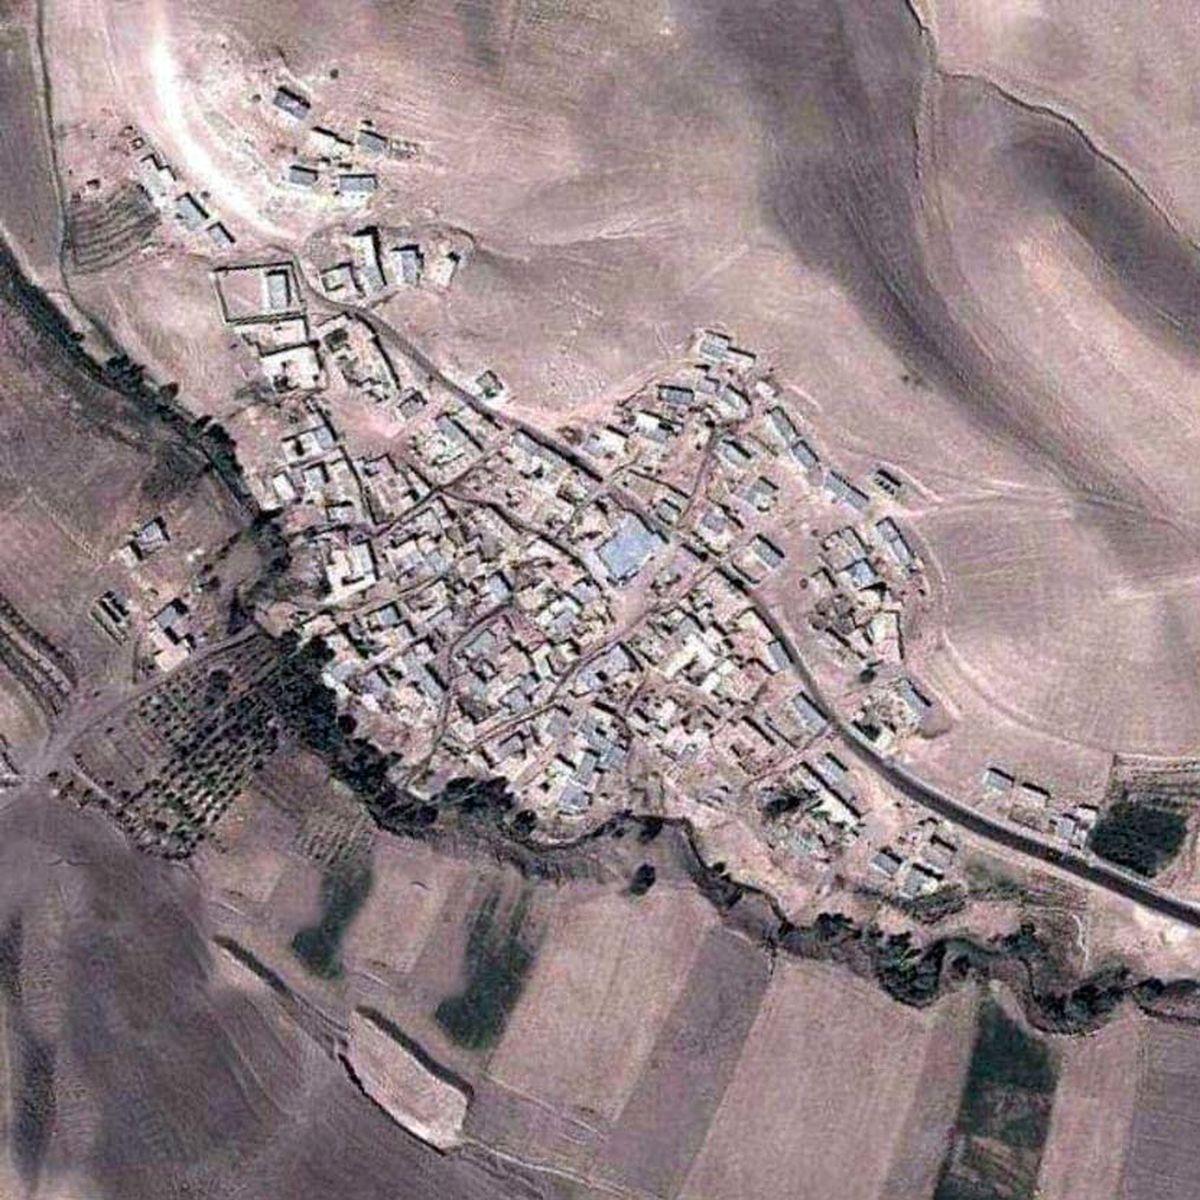 تصویر هوایی از یک روستا که مانند نقشه ایران است